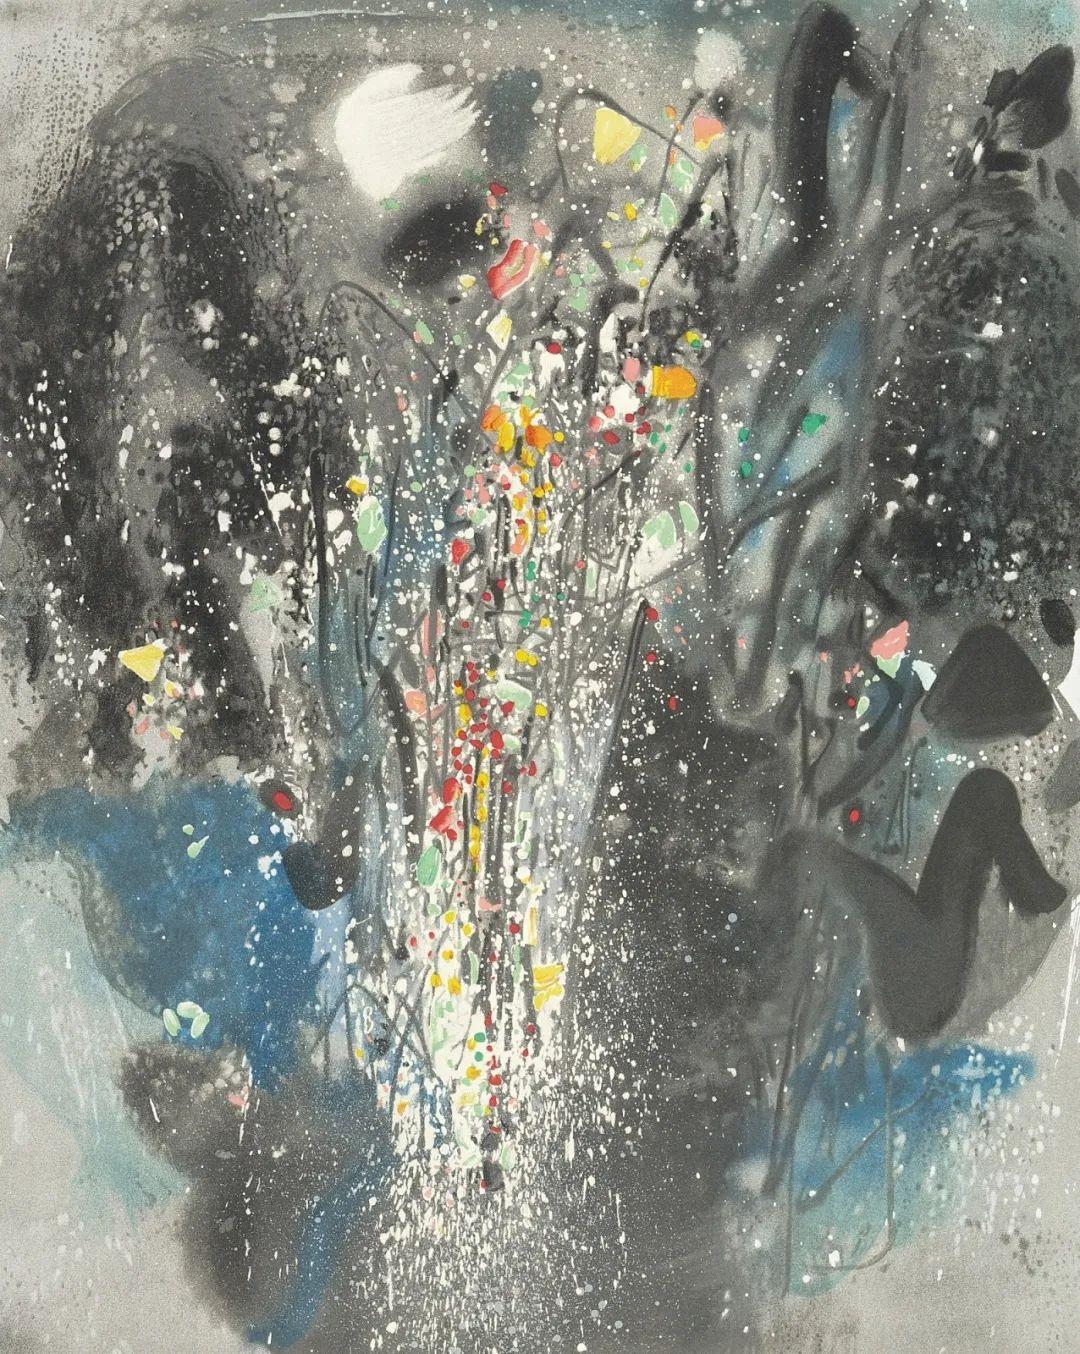 以色彩写诗,具象转抽象,朱德群作品欣赏 (高清)插图85